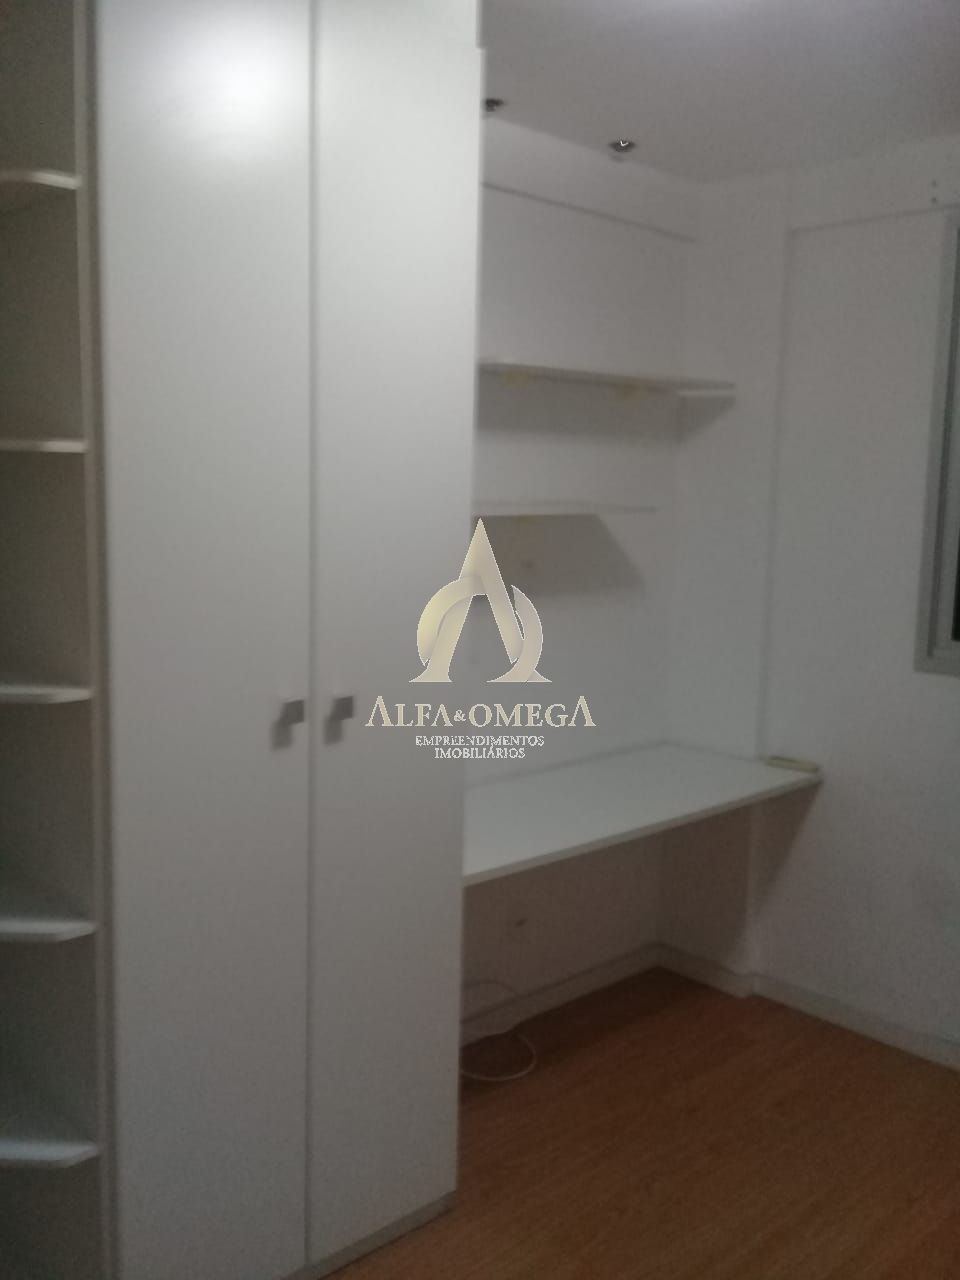 FOTO 6 - Apartamento Praça Seca, Rio de Janeiro, RJ À Venda, 2 Quartos, 62m² - AOJ20058 - 6